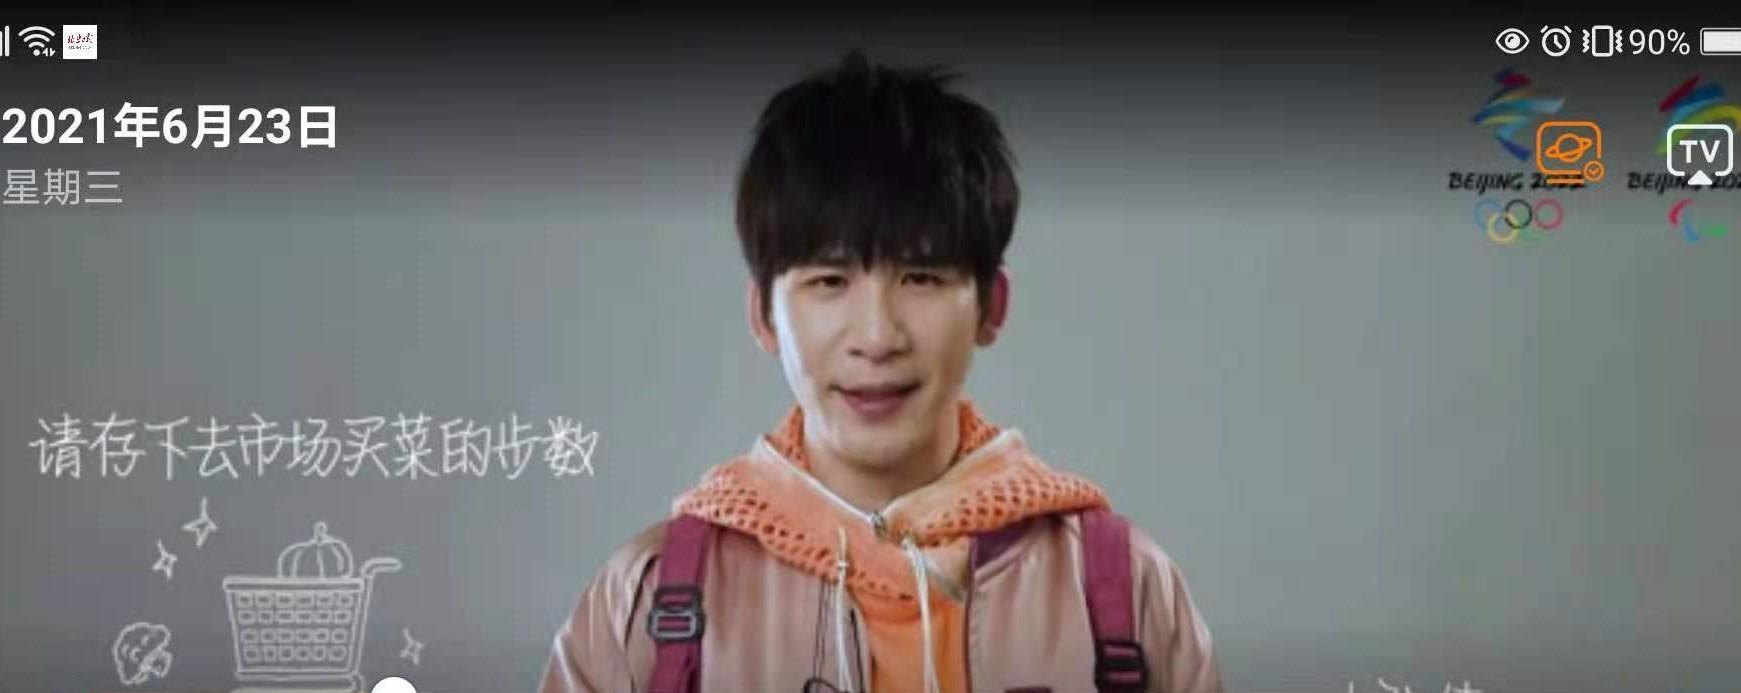 """冬奥有我 益路同行""""北京2022冬奥文化公益平台""""正式上线"""